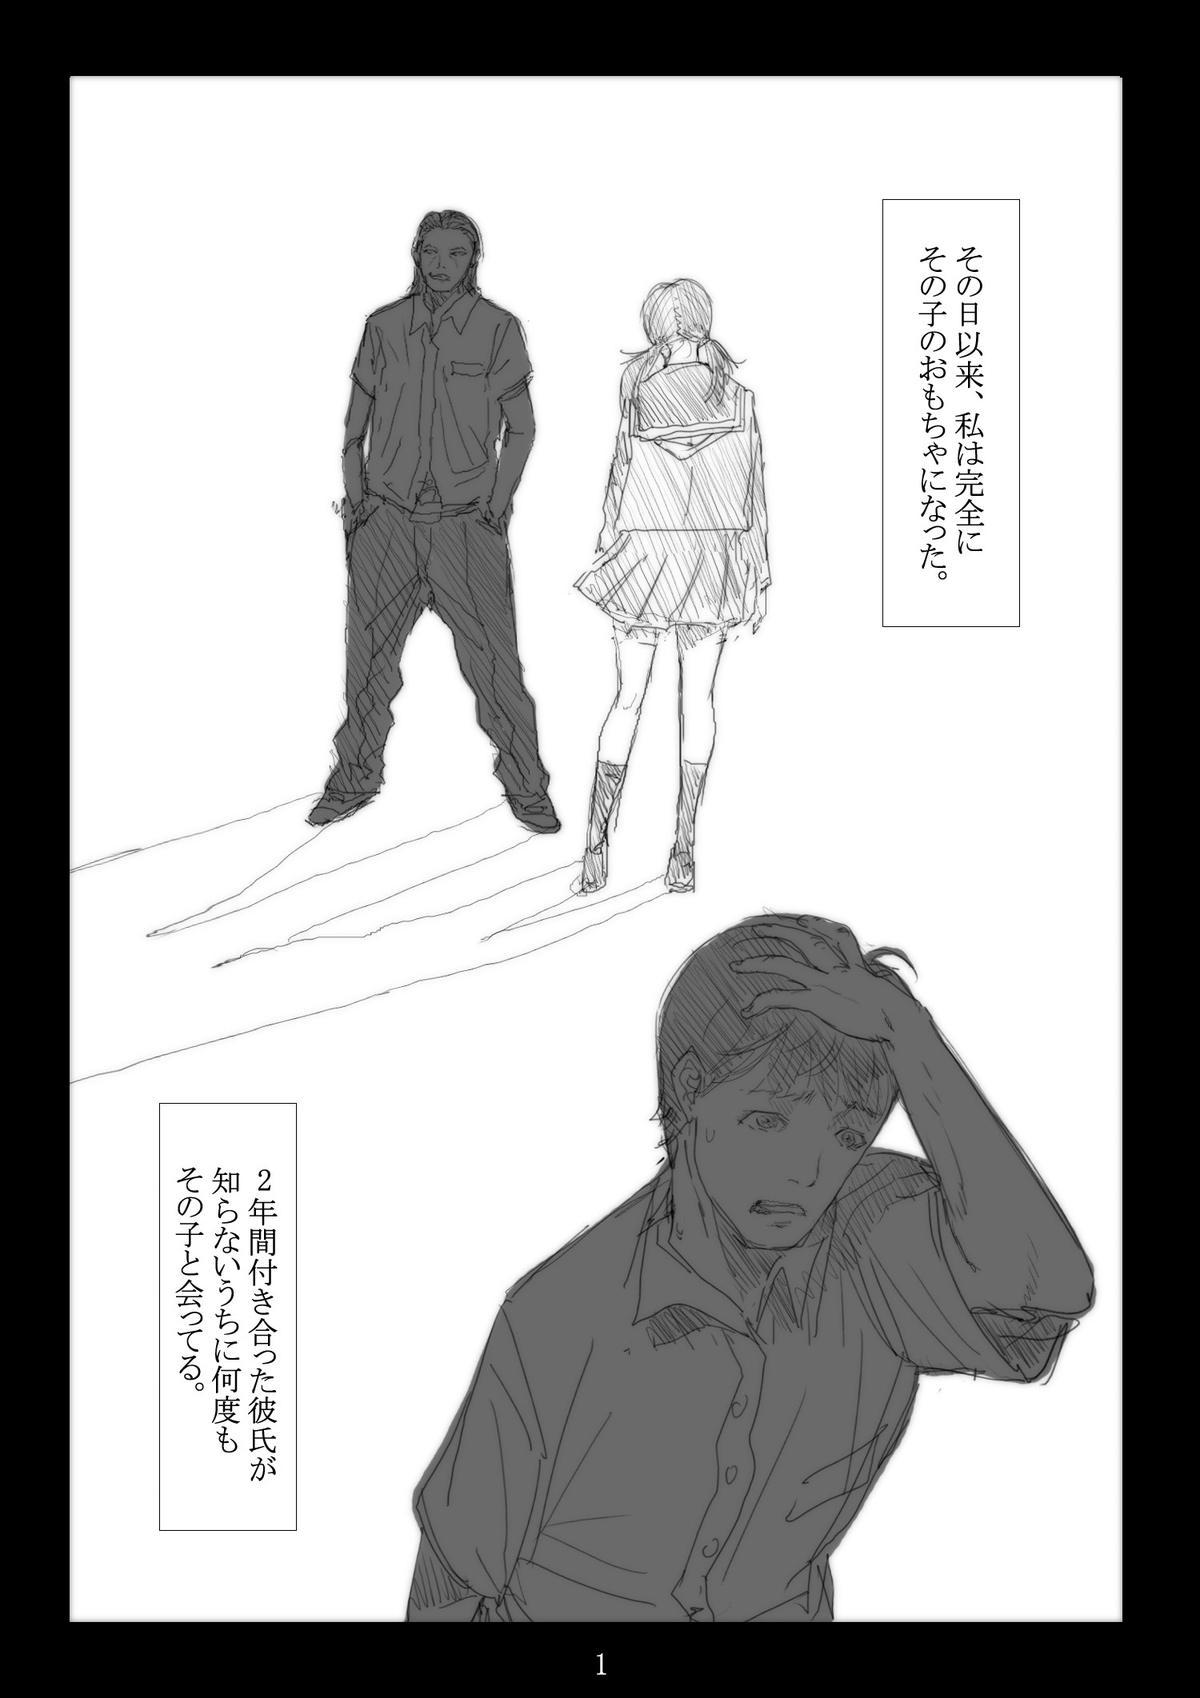 Renraku Tore nakatta 1-kkagetsukan Kanojo ni Nani ga Atta no ka... 2 1